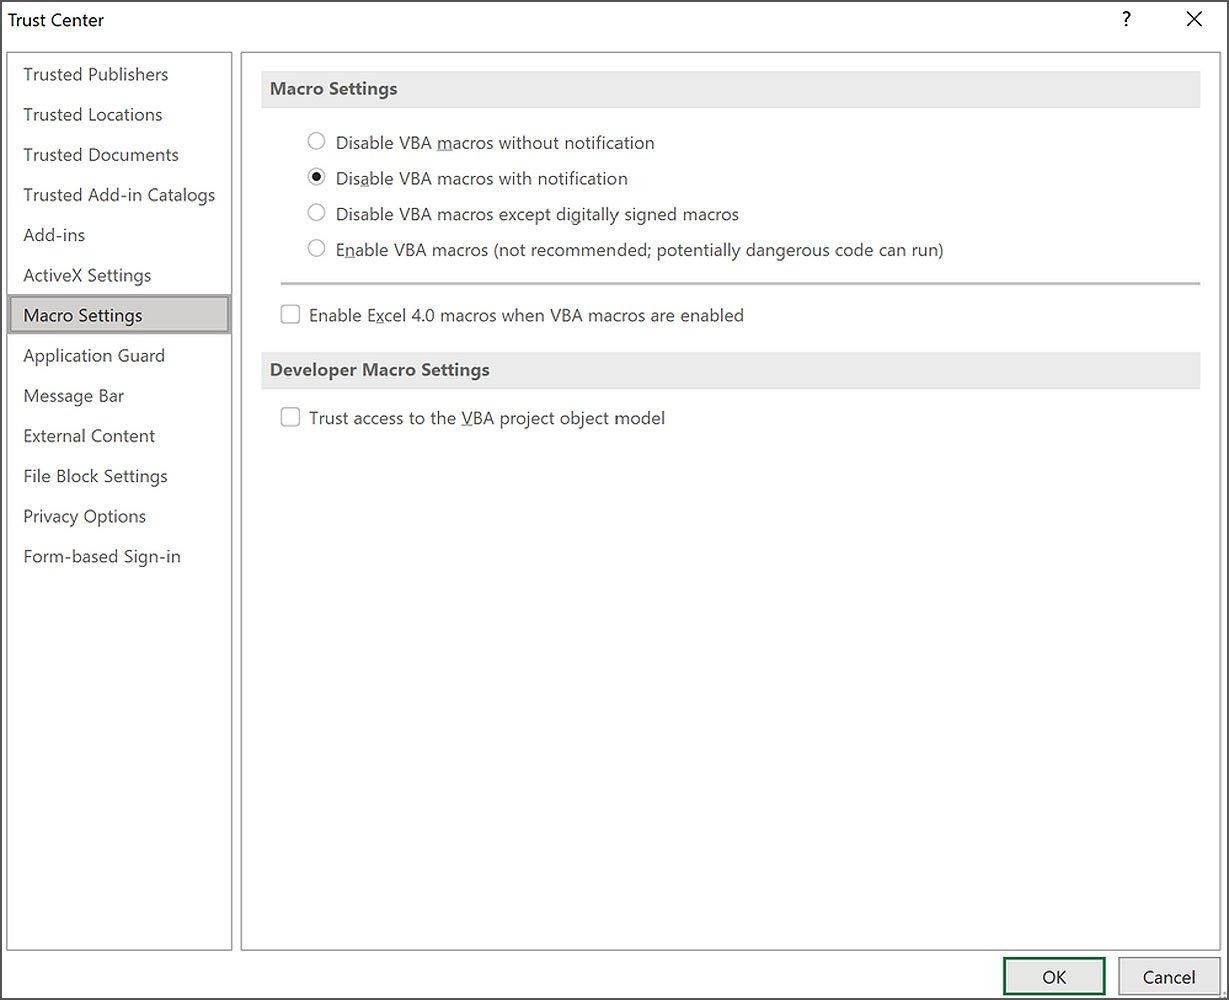 Excel Güven Merkezi'nde VBA makroları etkinleştirildiğinde XLM makrolarını etkinleştirin